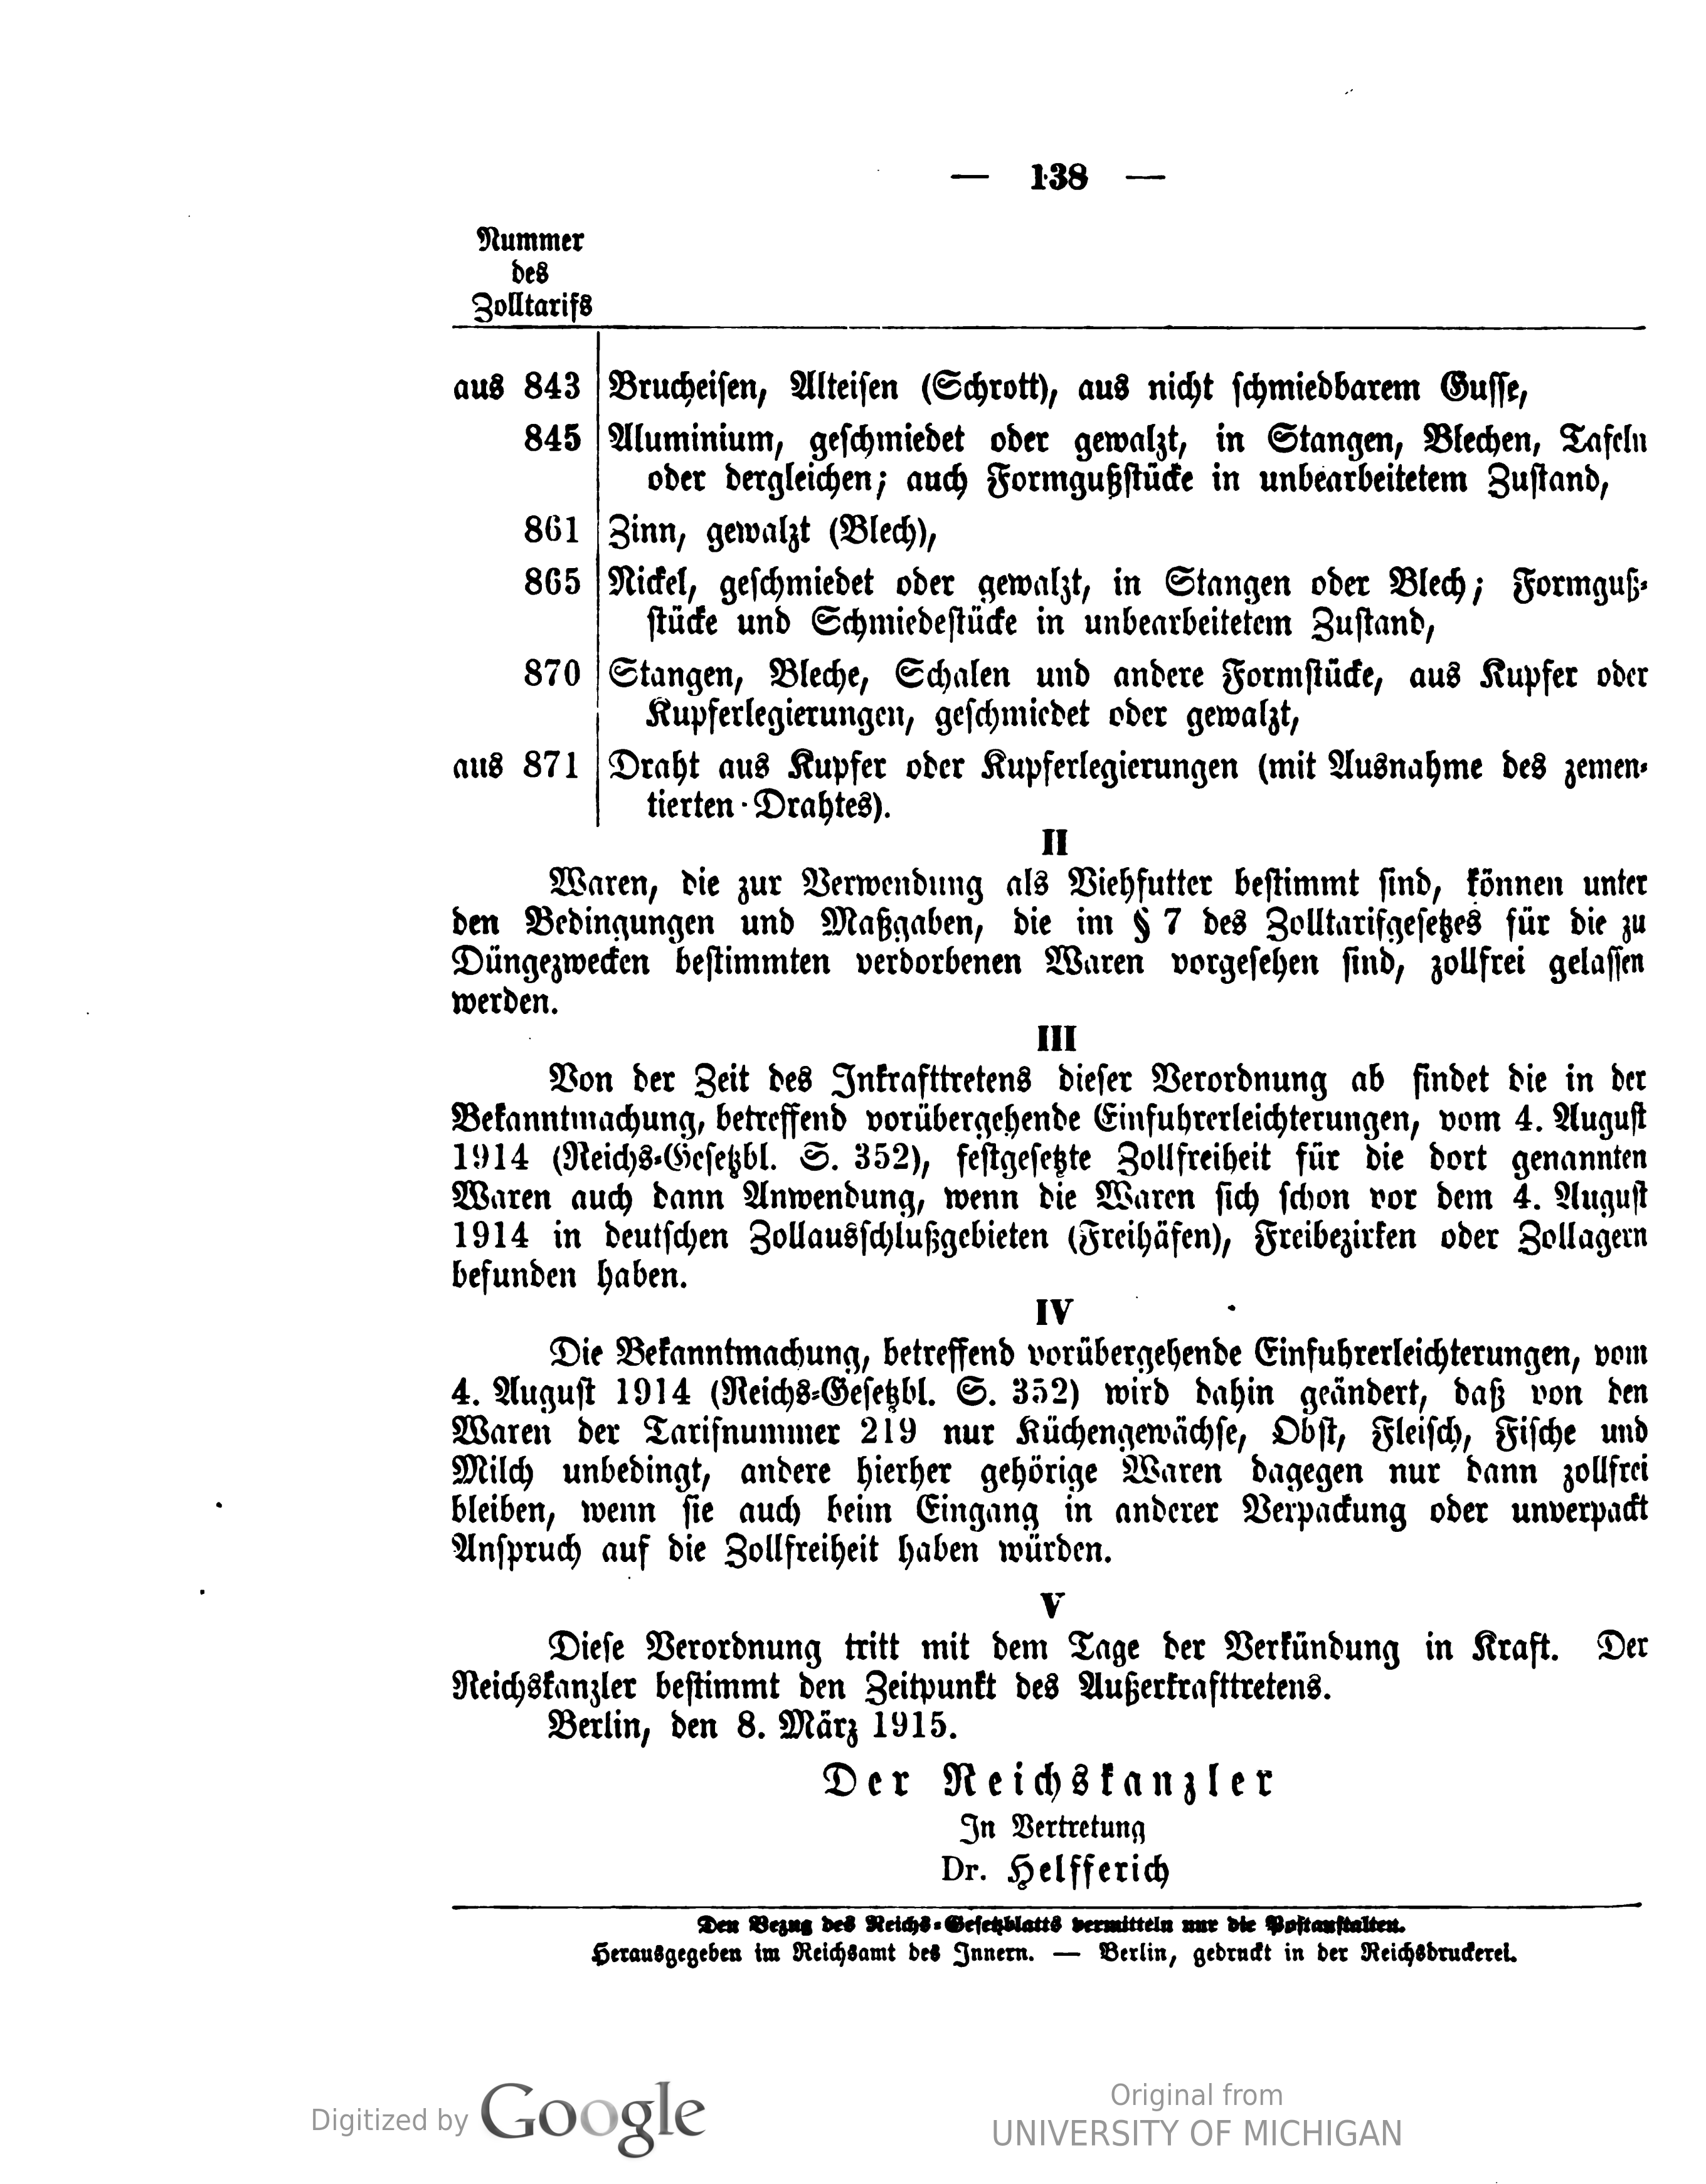 File:Deutsches Reichsgesetzblatt 1915 033 138.png - Wikimedia Commons